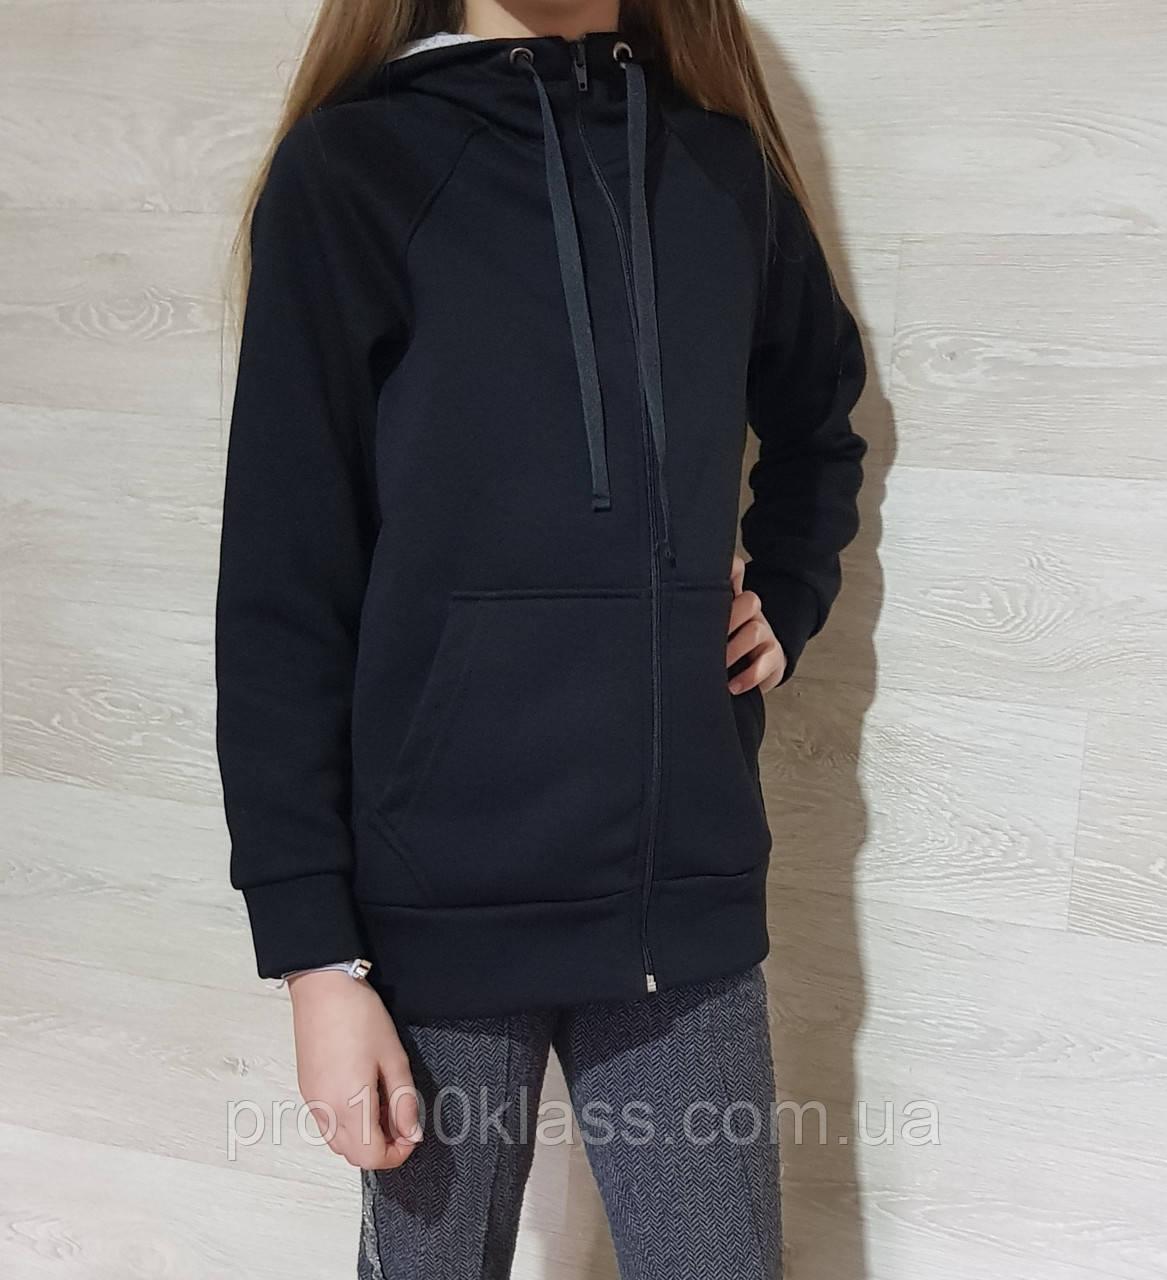 Кофта-худи тёплая спортивная подростковая , трехнитка с начёсом